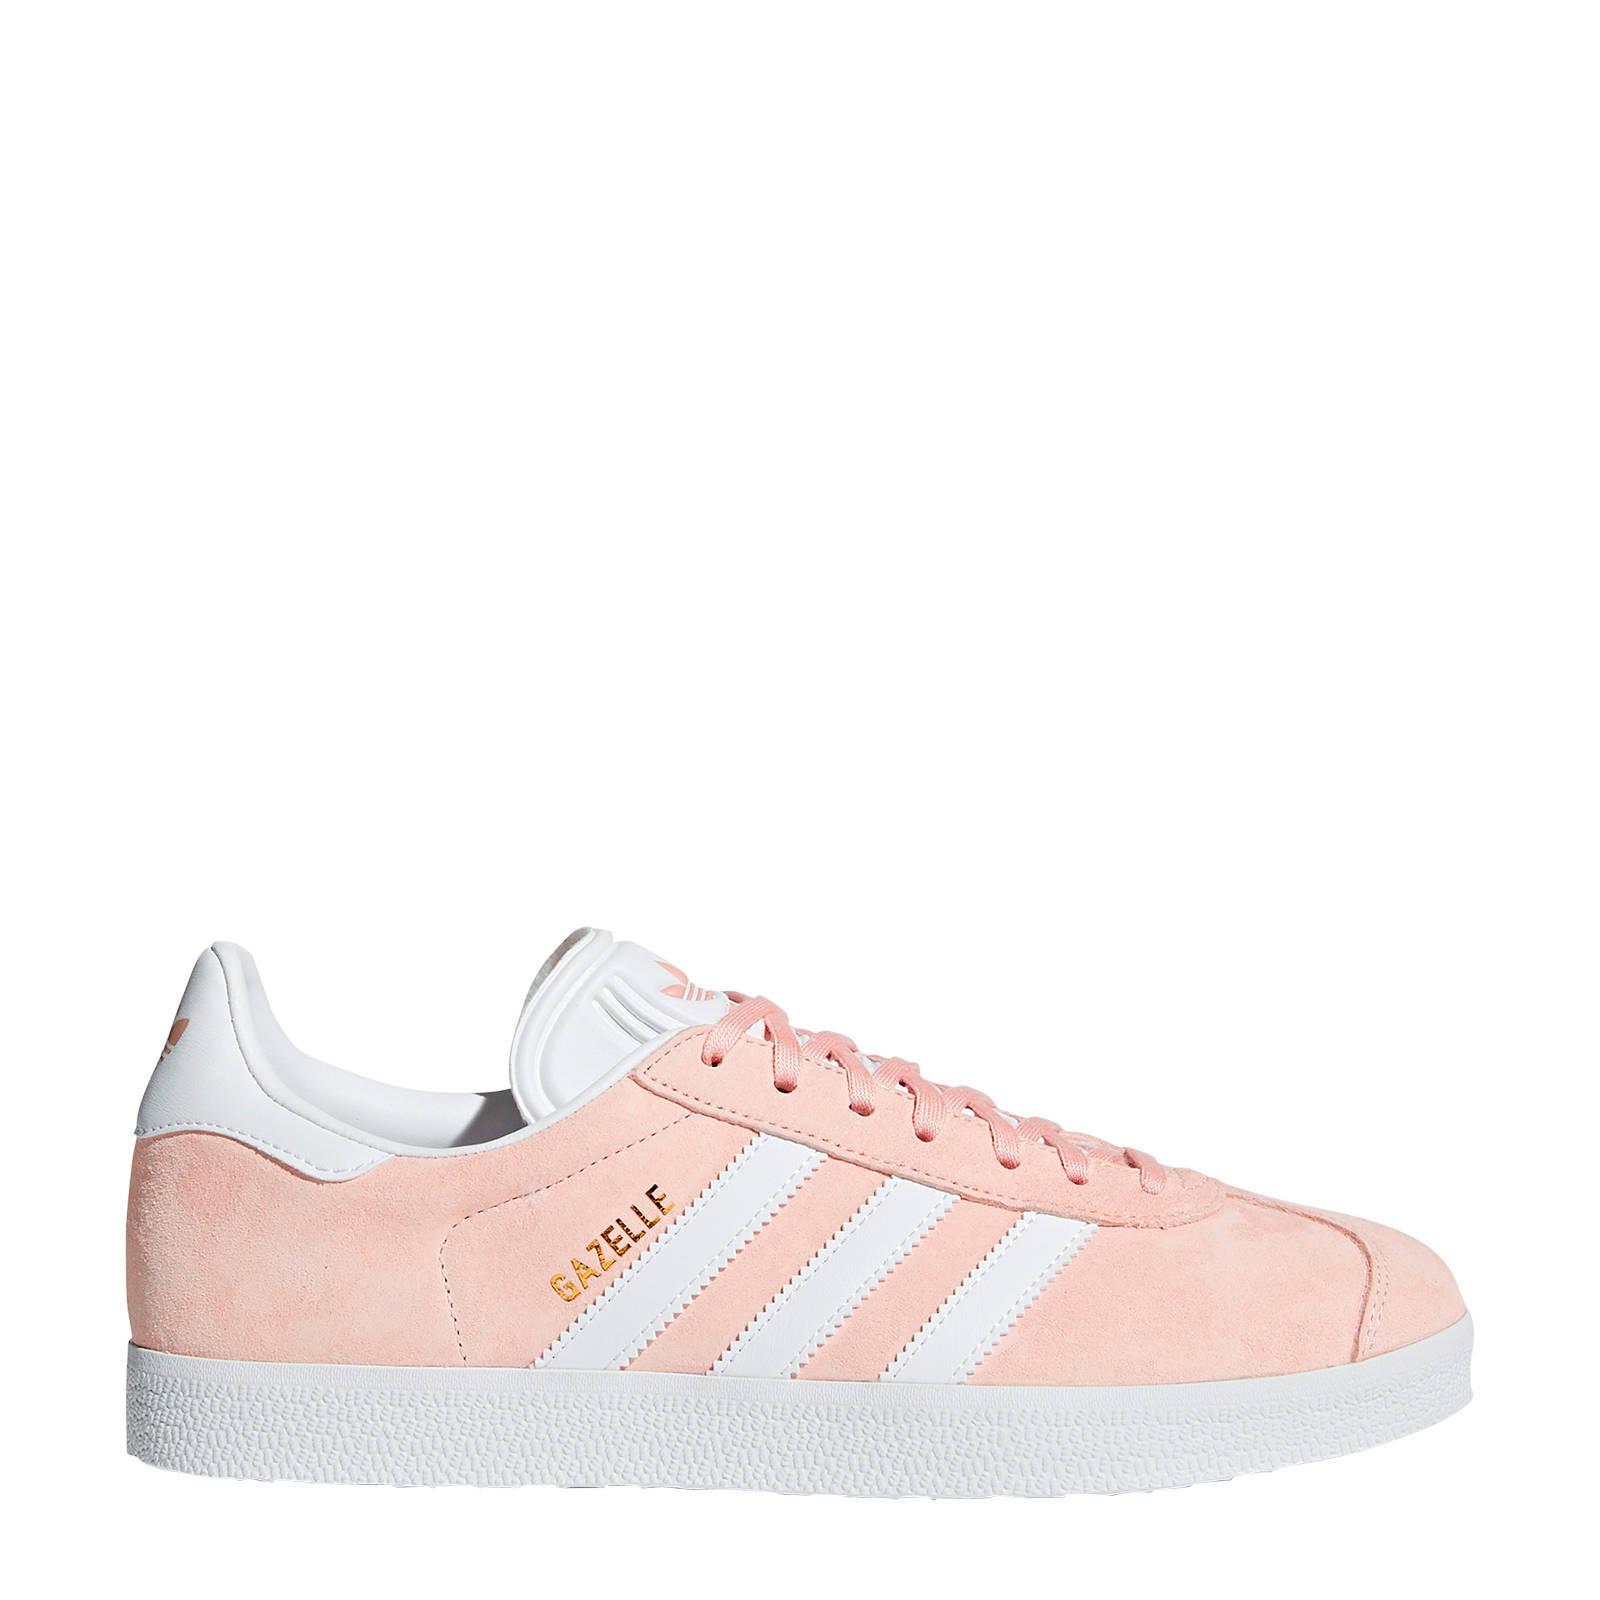 adidas originals Gazelle sneakers lichtroze/wit   wehkamp